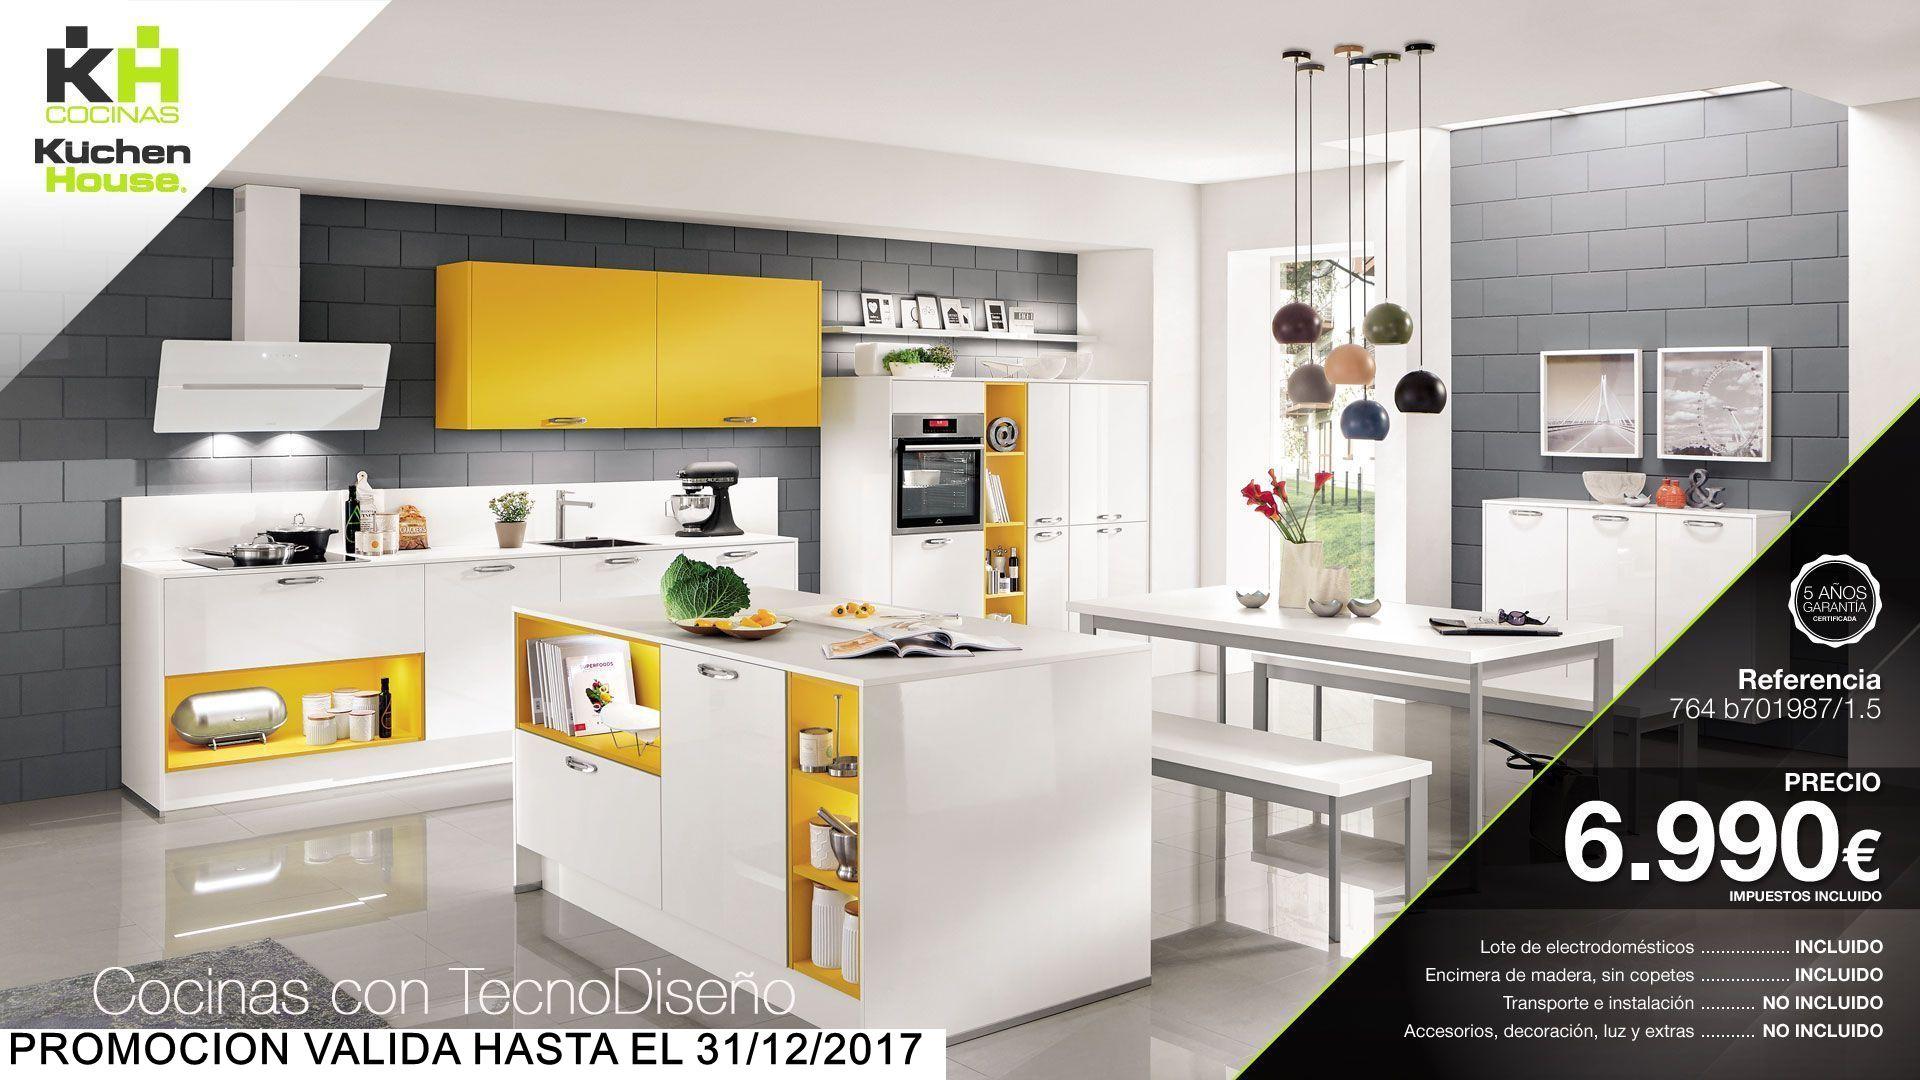 Liquidacion De Exposiciones Promociones Descuentos Cocinas